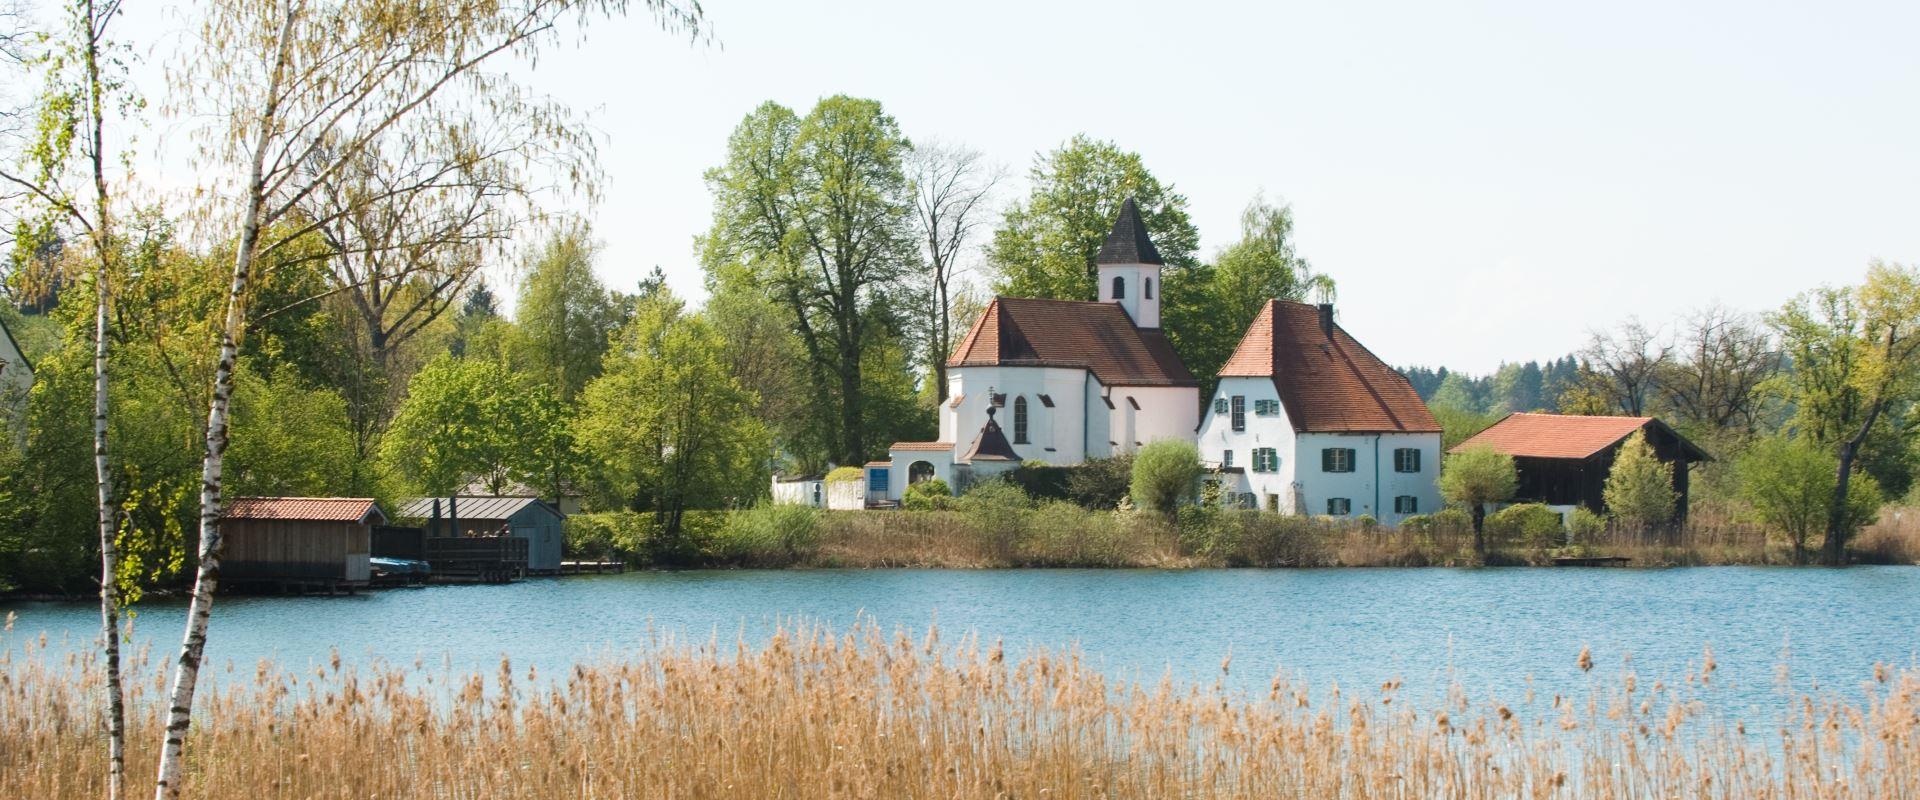 St. Walburgiskirche, © Tourist-Information Seebruck